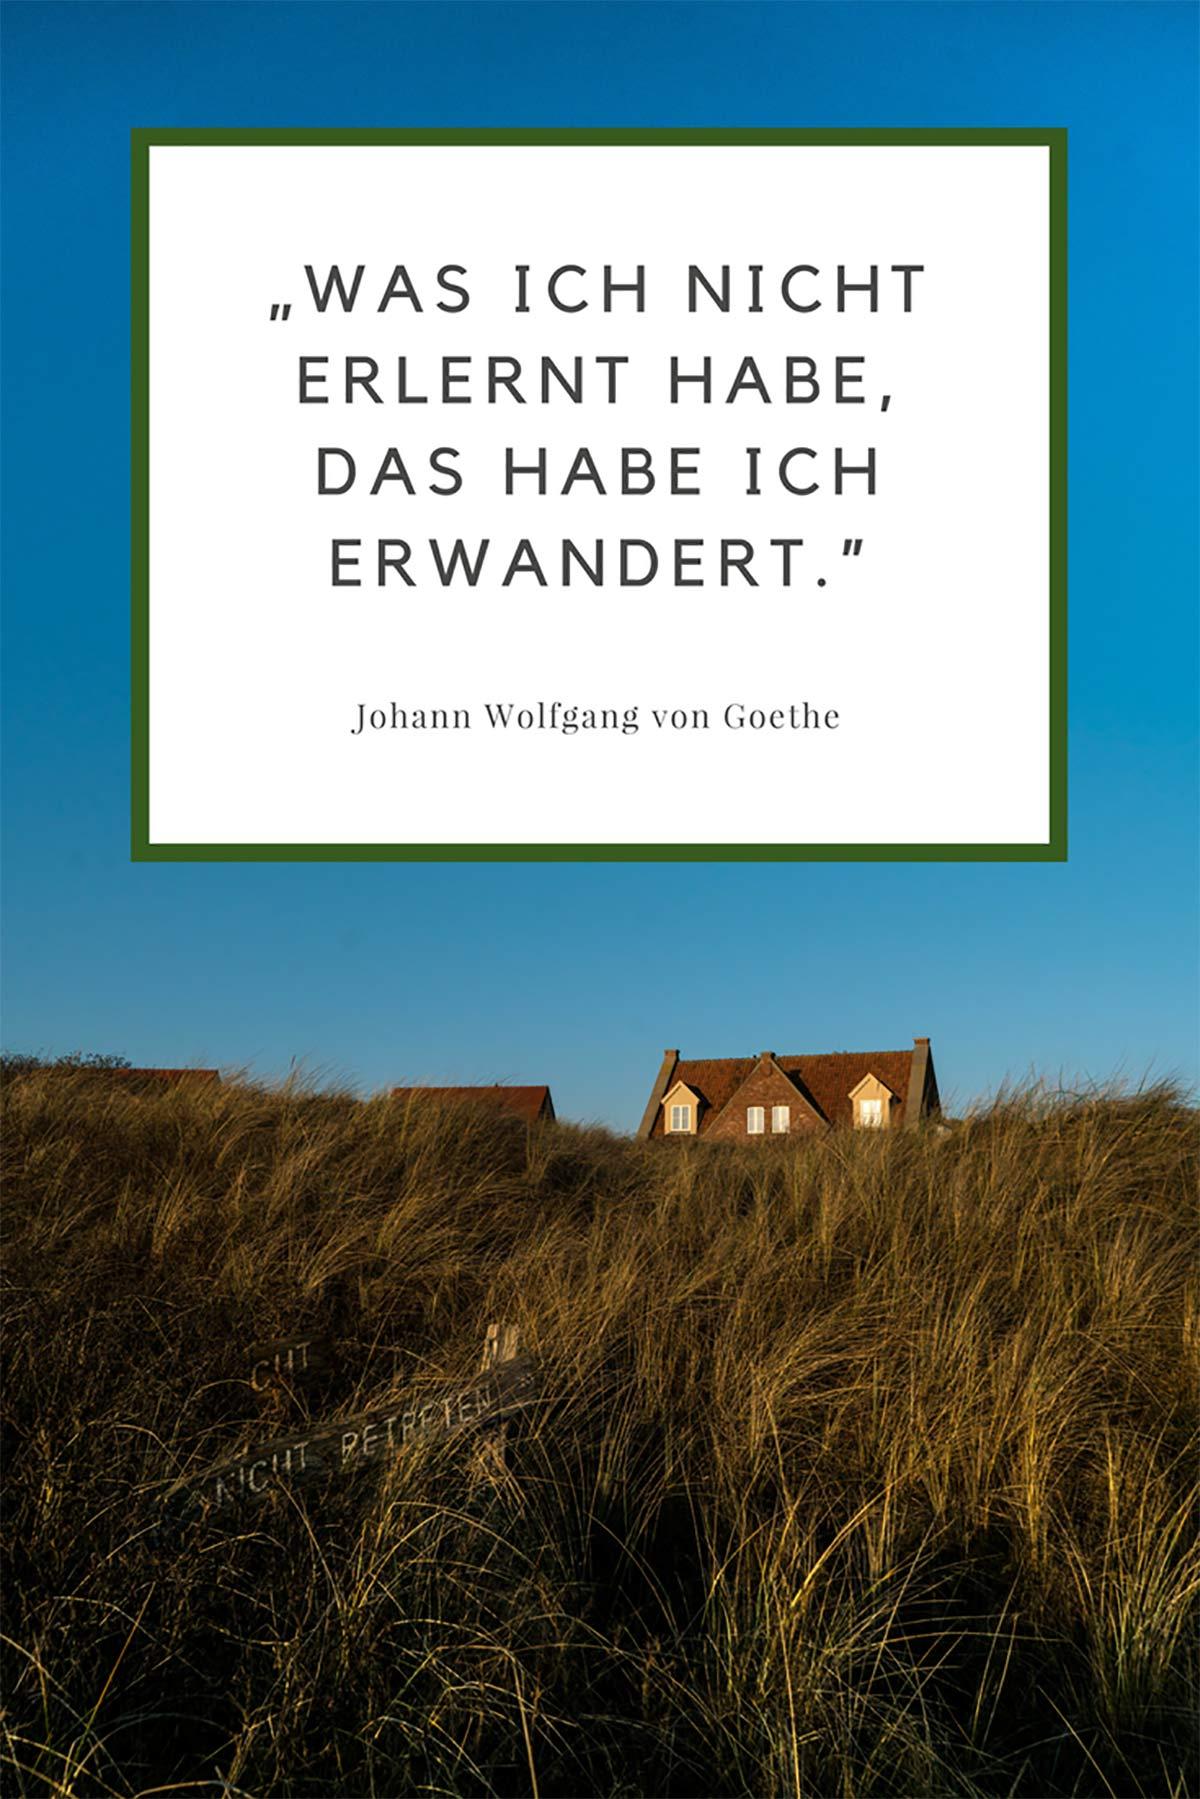 Was ich nicht erlent habe, das habe ich erwandert. – Johann Wolfgang von Goethe